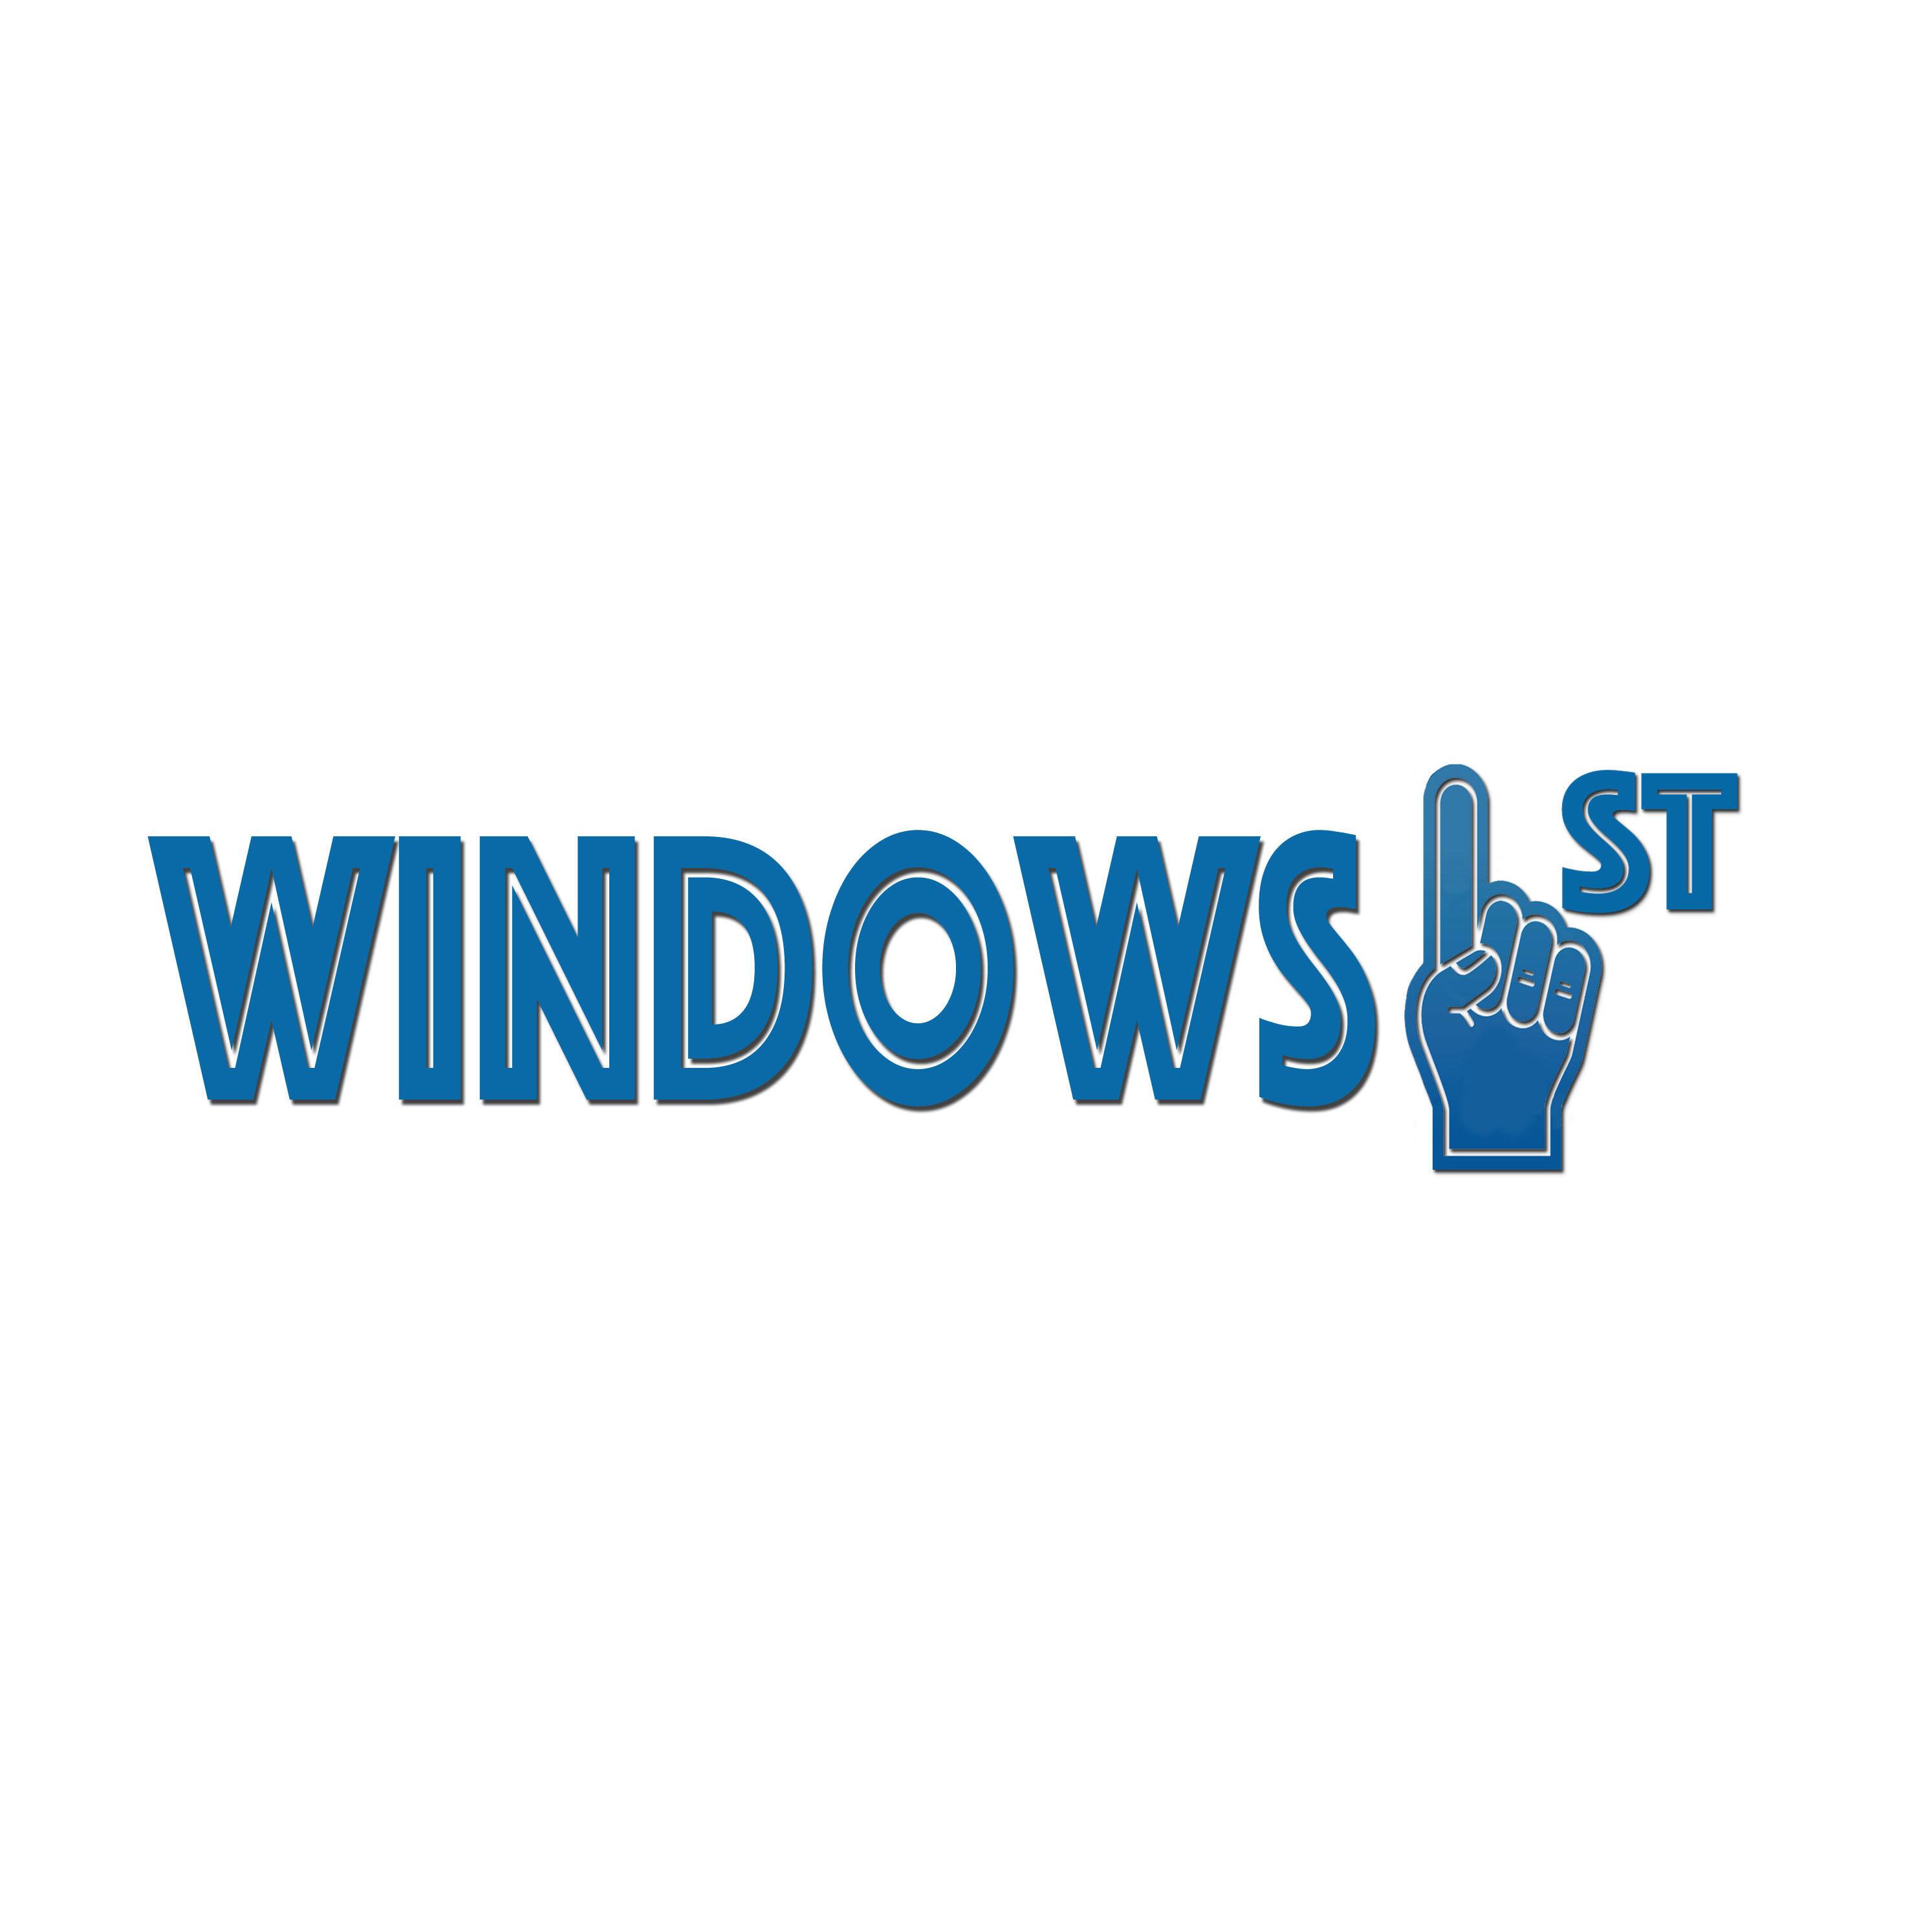 Windows1st